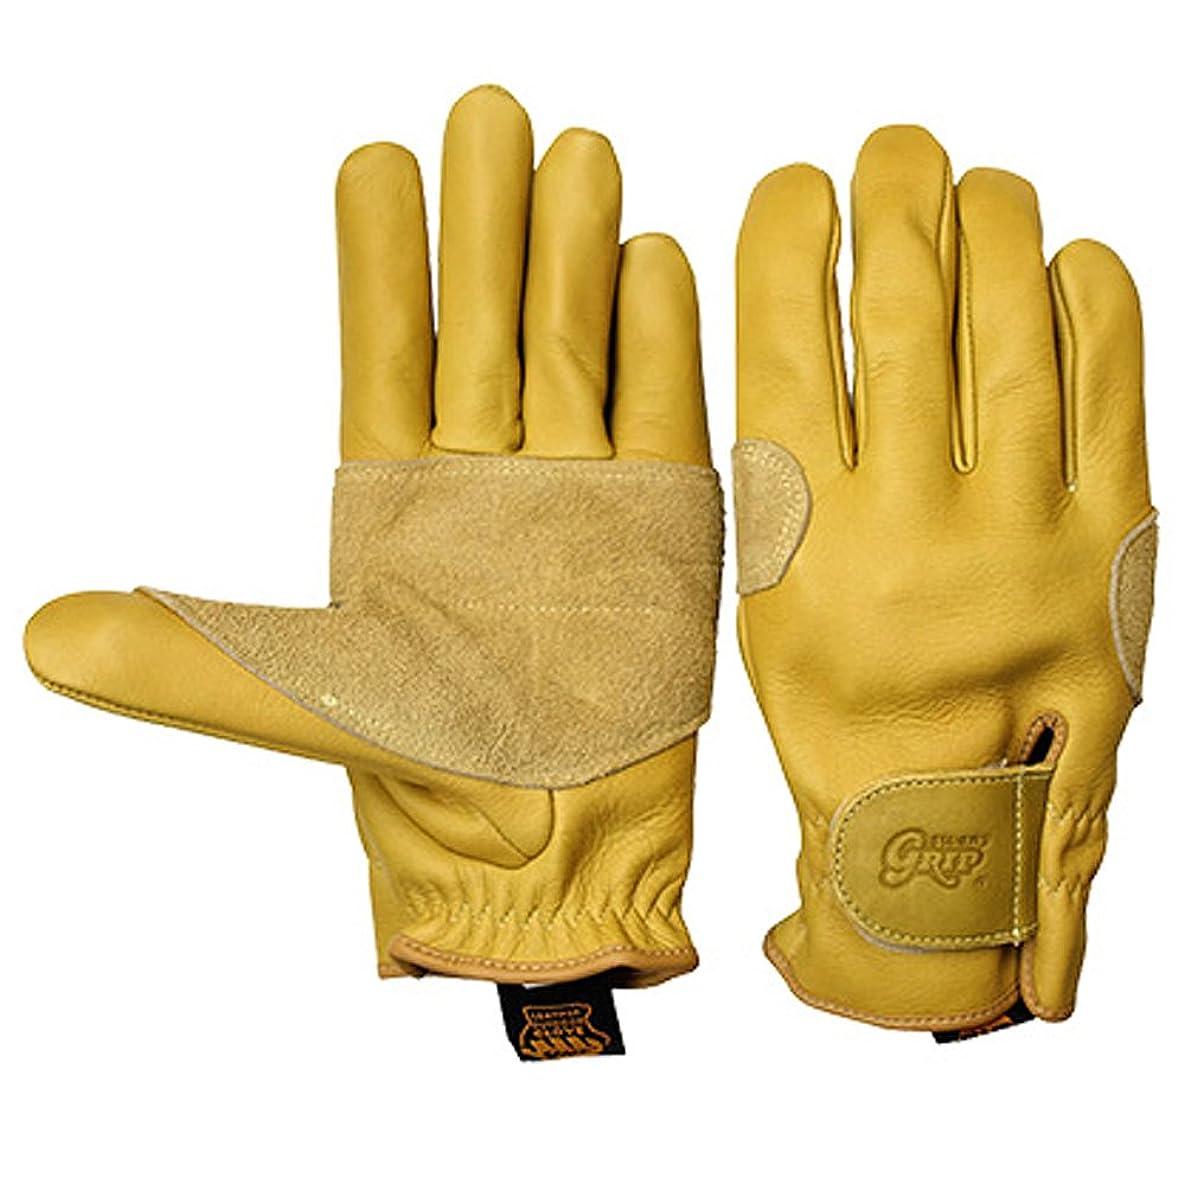 かもしれない日常的にクリークスマホ対応手袋 トレッキング グローブ Favori 【安心の1ヶ月保障】アウトドア 登山 サイクルグローブ